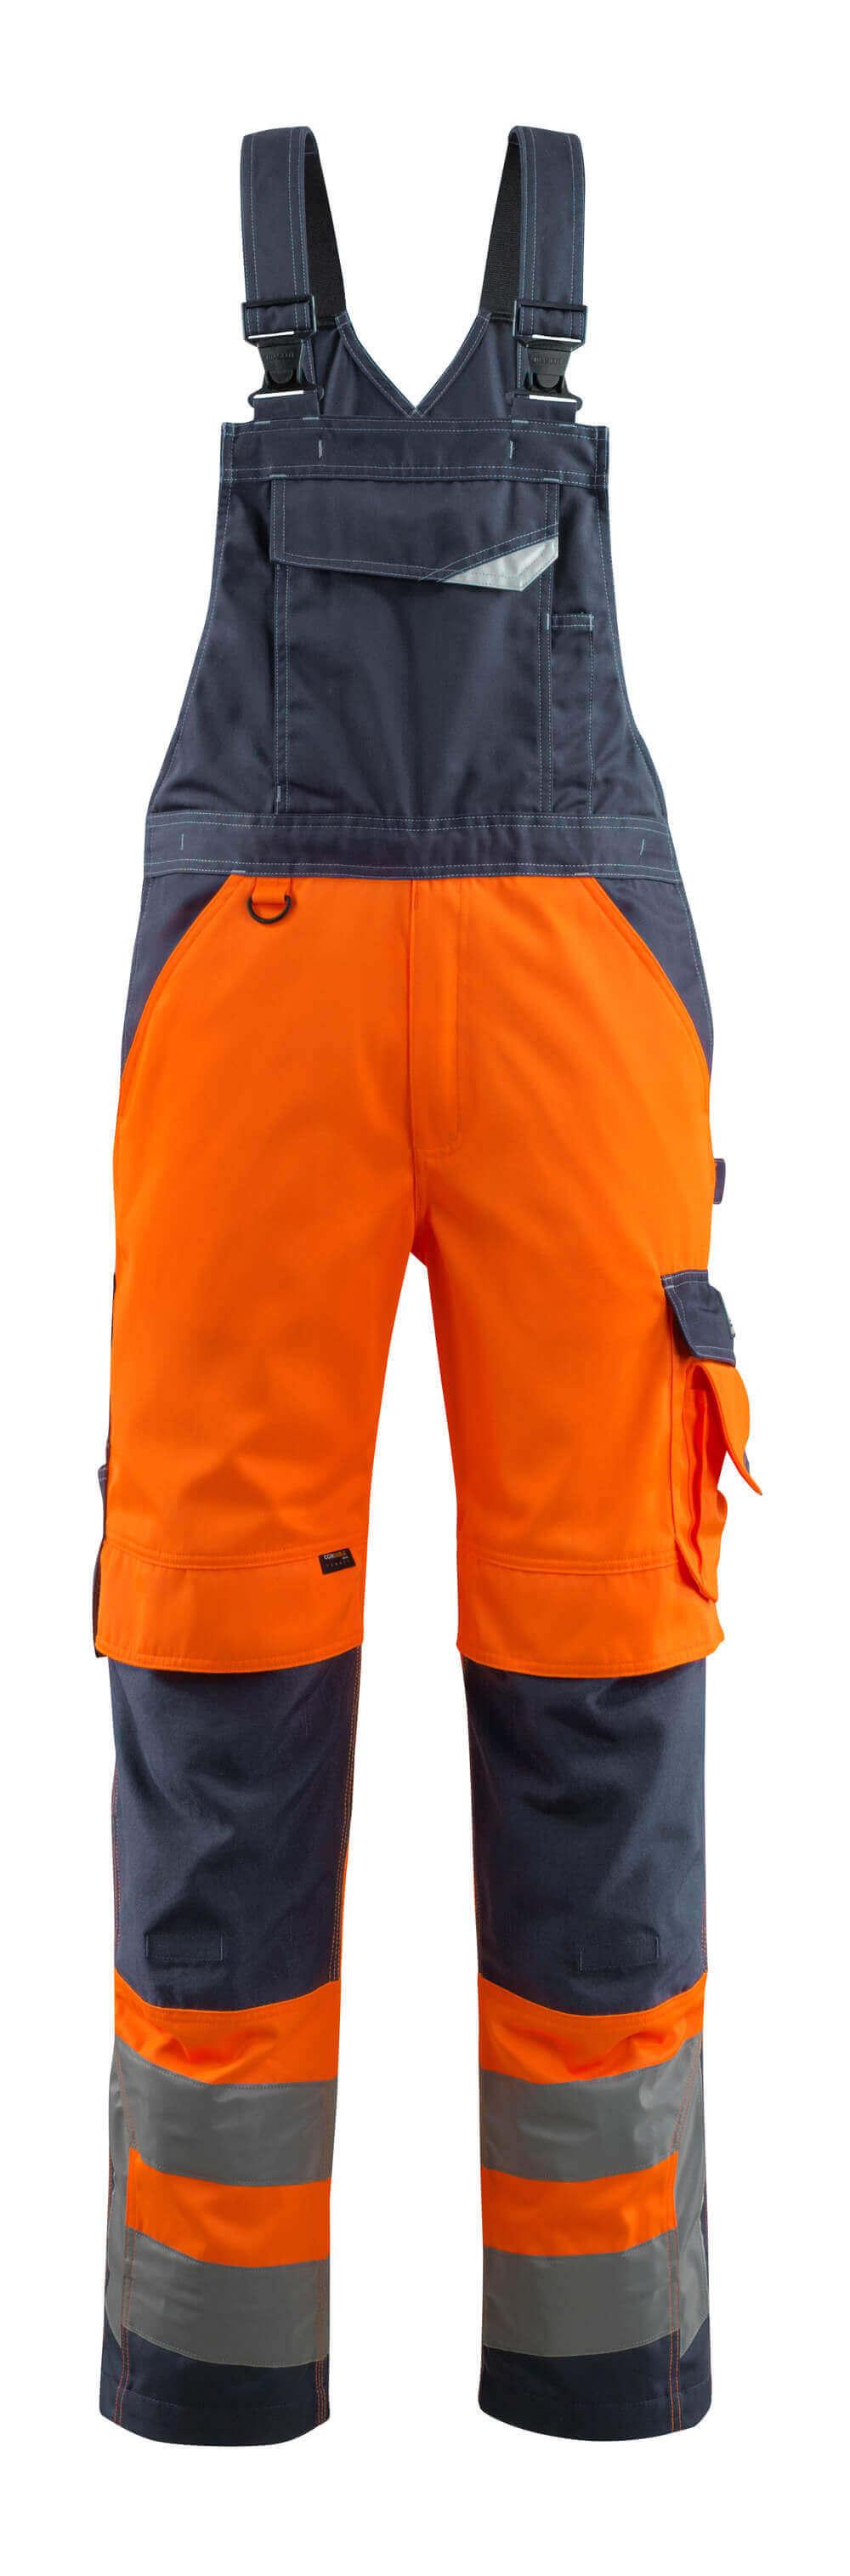 15569-860-14010 Overall med knælommer - hi-vis orange/mørk marine